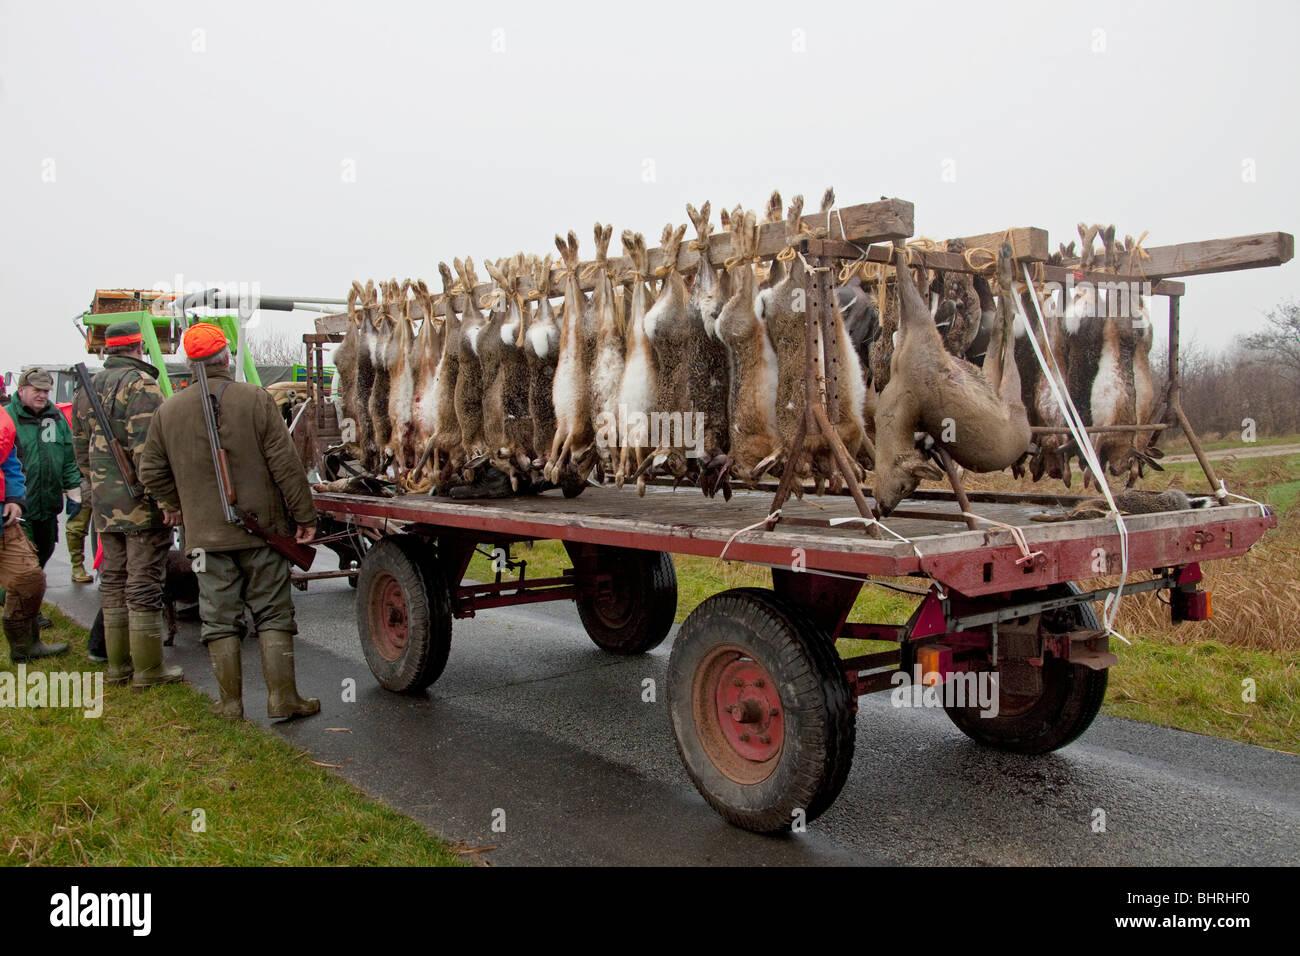 Lapin, lièvre et chevreuil. Les animaux tués sur un panier après une chasse Banque D'Images